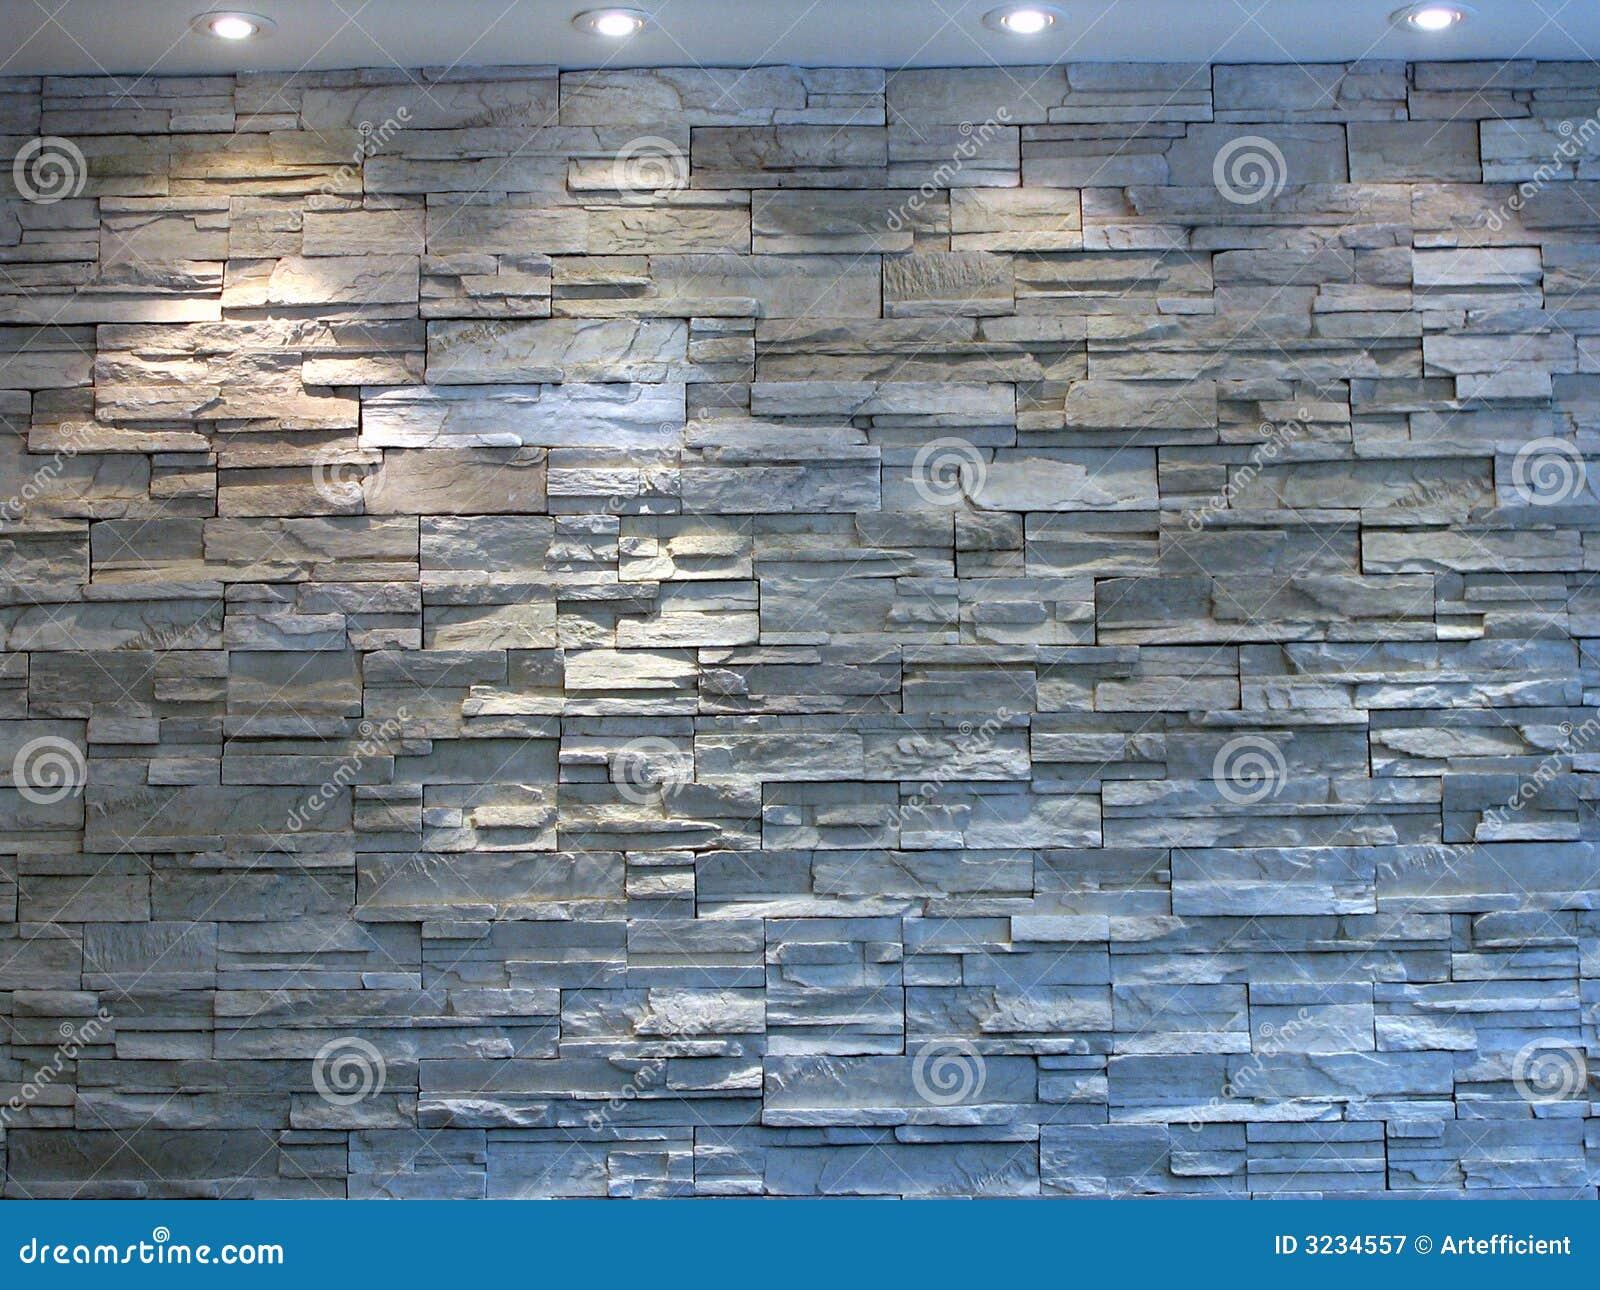 Wohnzimmer steinwand grau: beige steinwand stockfotos ...